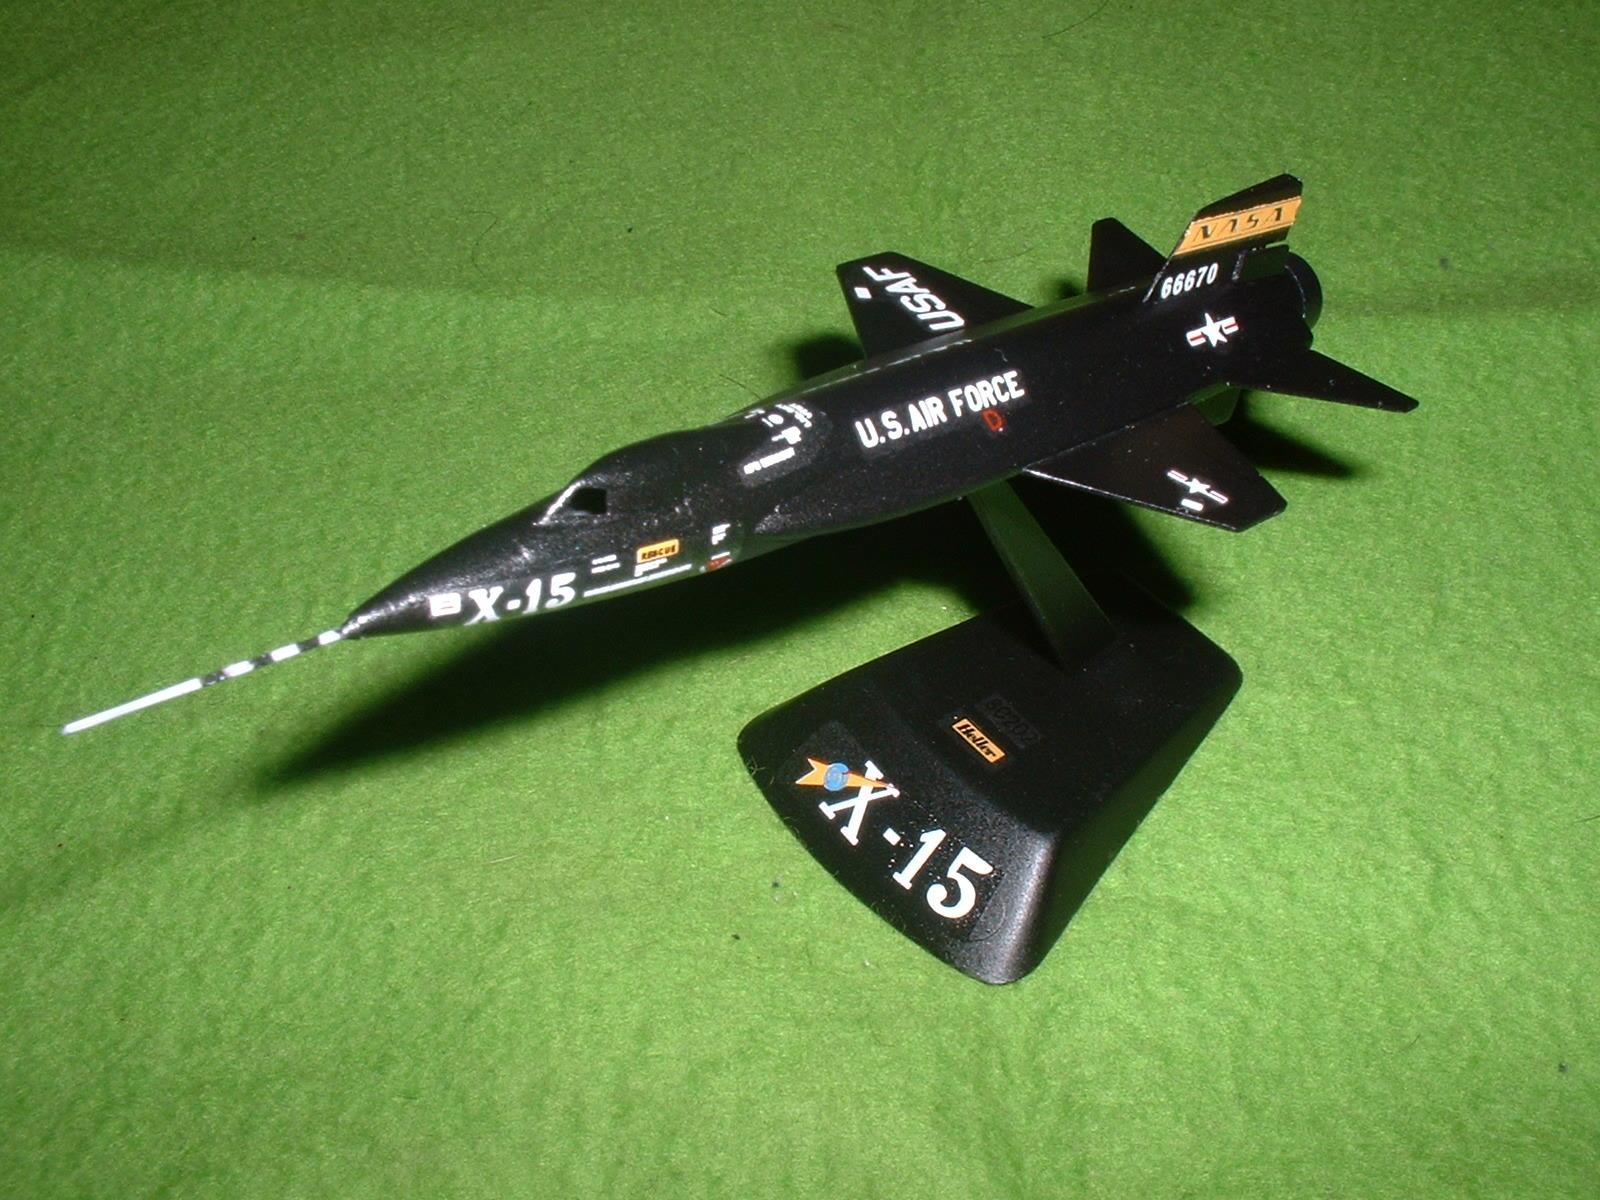 エレール 130分の1「X-15」.JPG